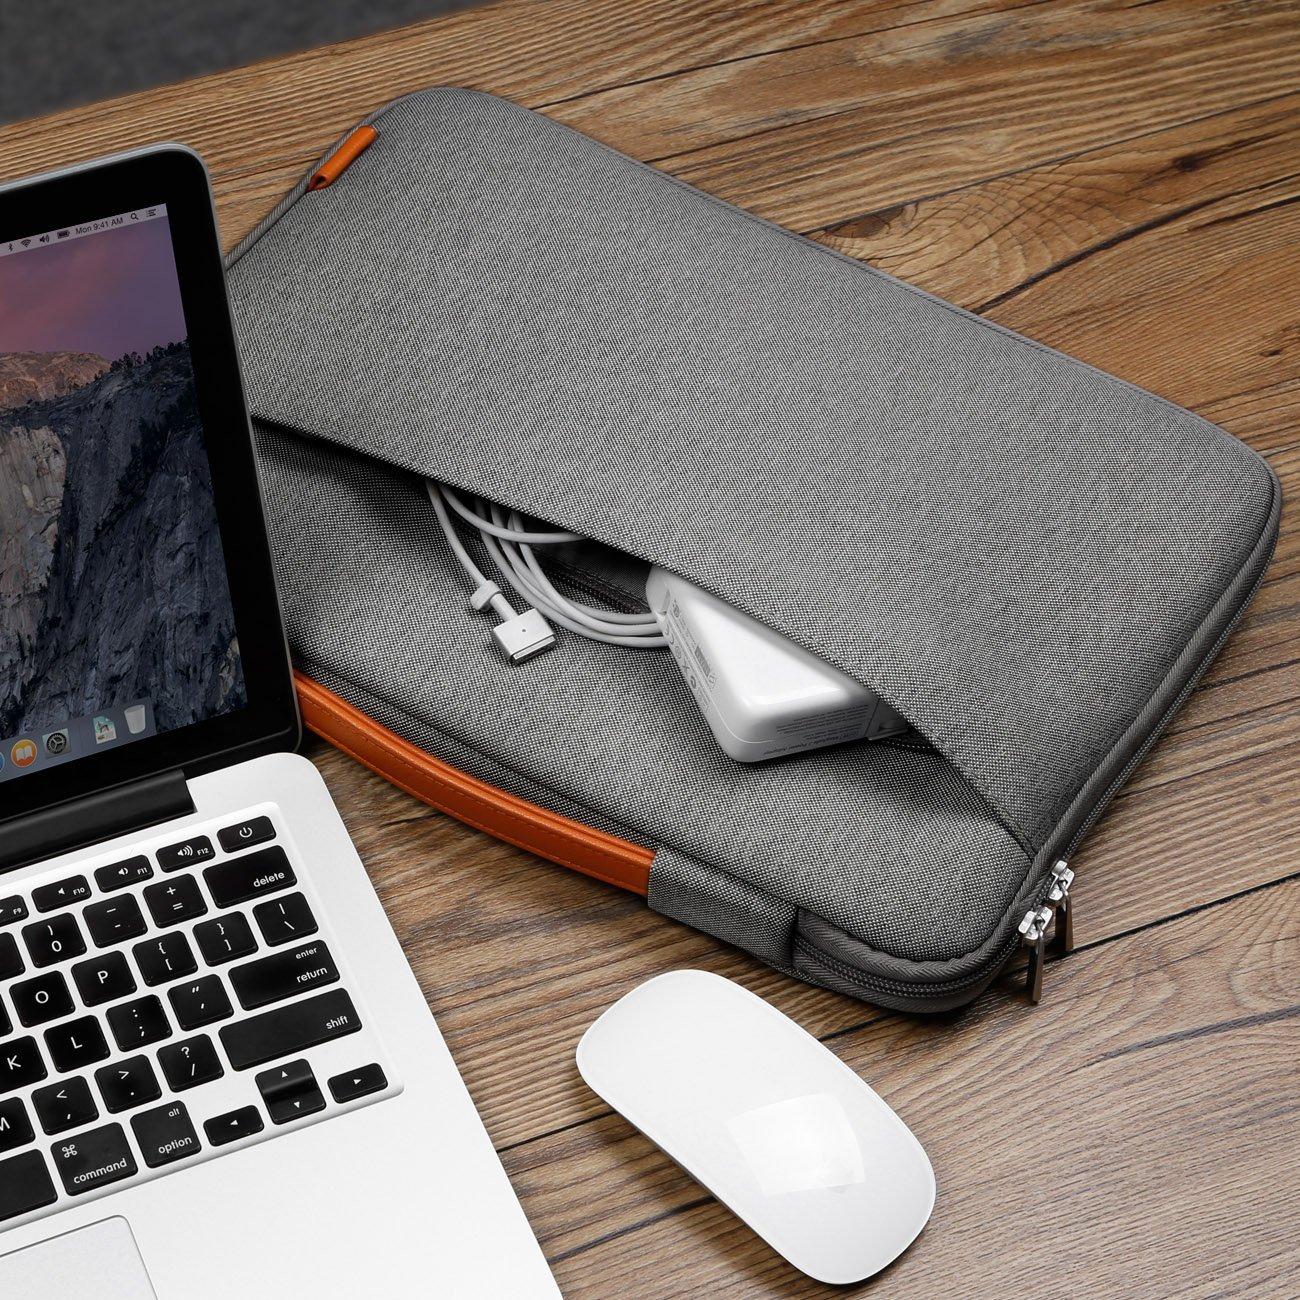 Photo de Sacoche Inateck pour MacBook Pro – Une sacoche avec poignée, simple, pratique et pas chère